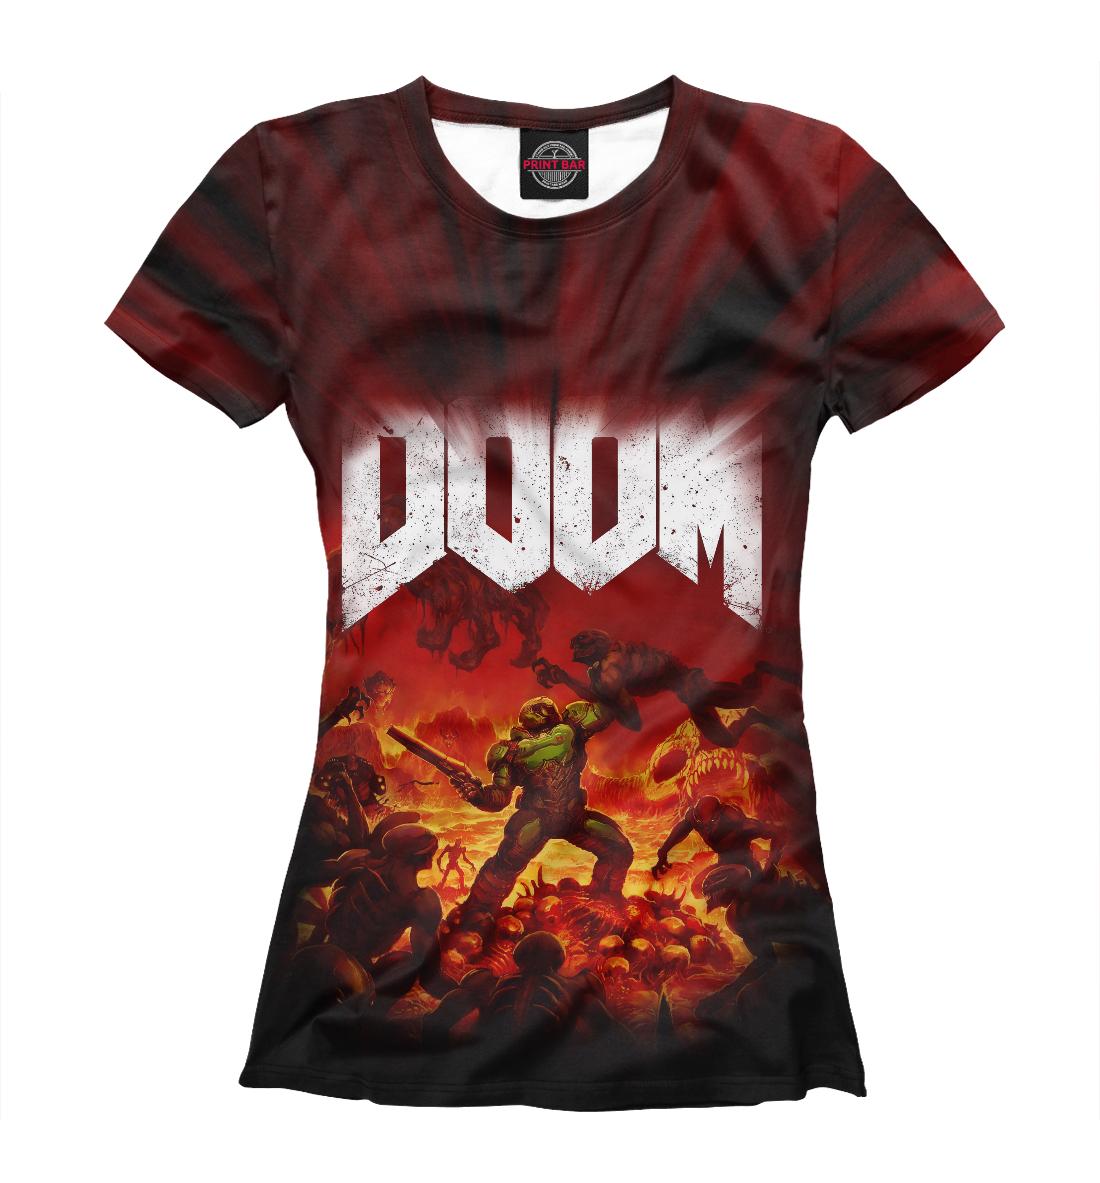 Купить Doom 2016, Printbar, Футболки, RPG-380416-fut-1